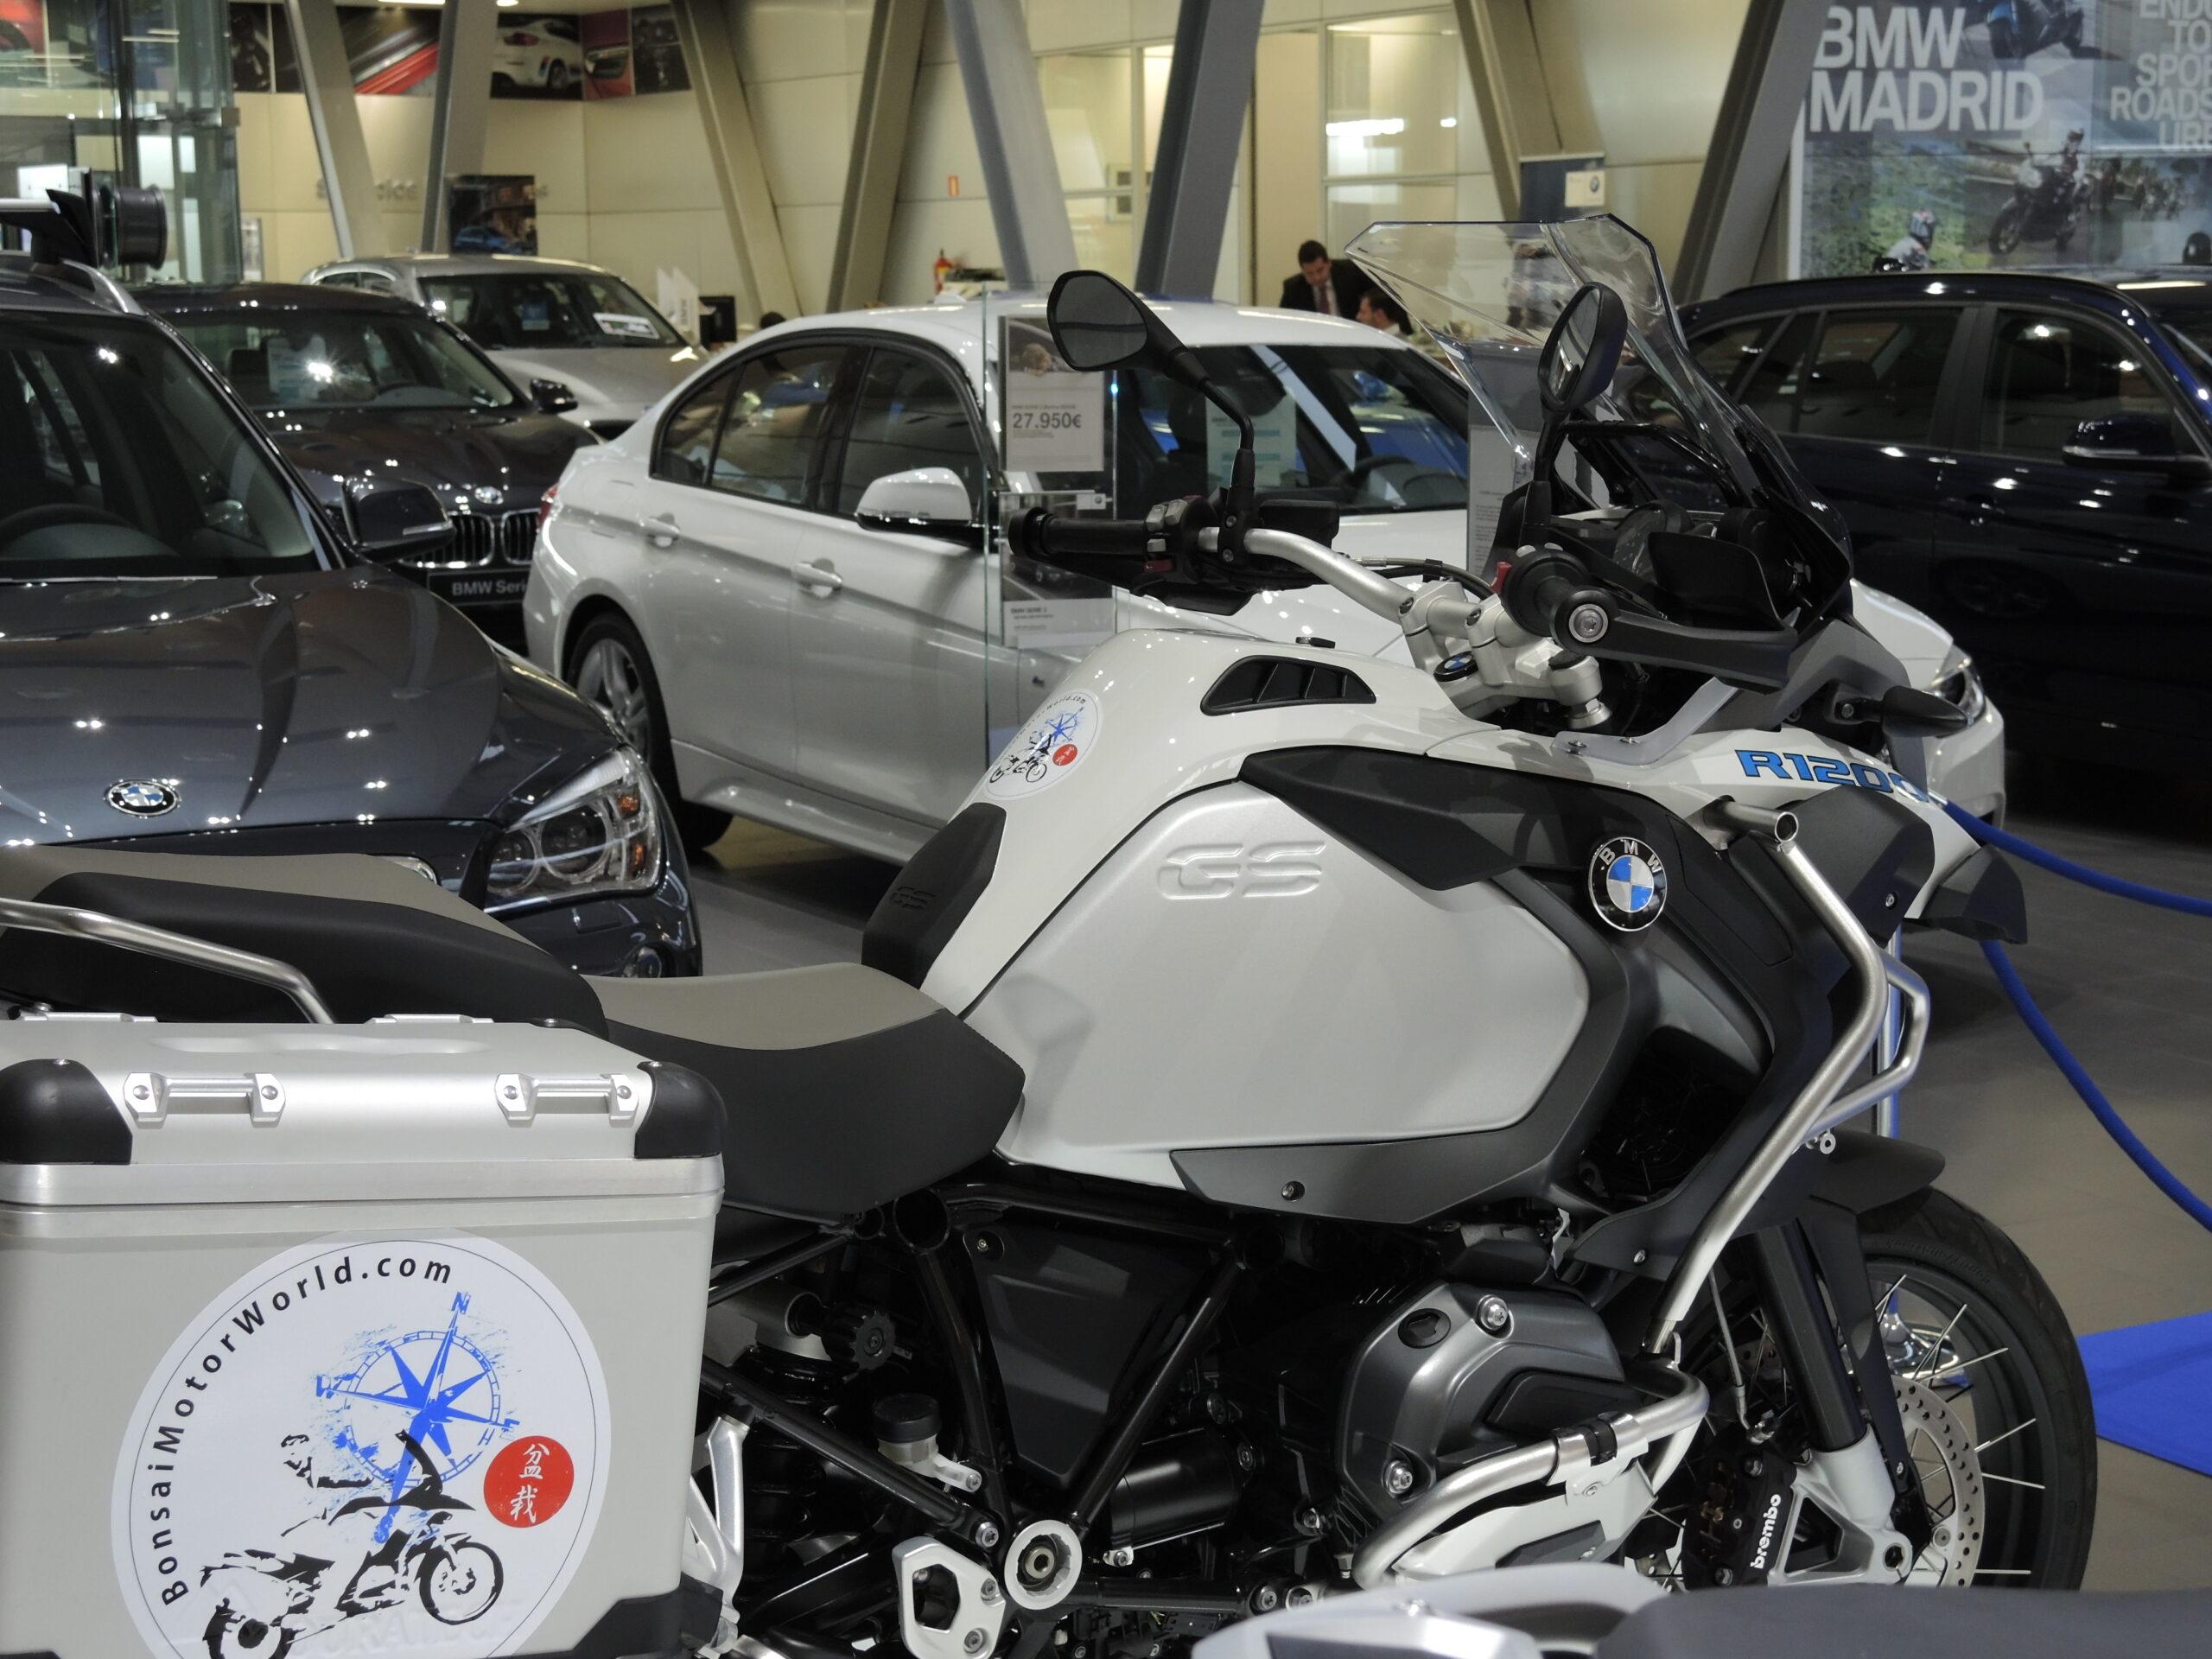 Feria en BMW Madrid